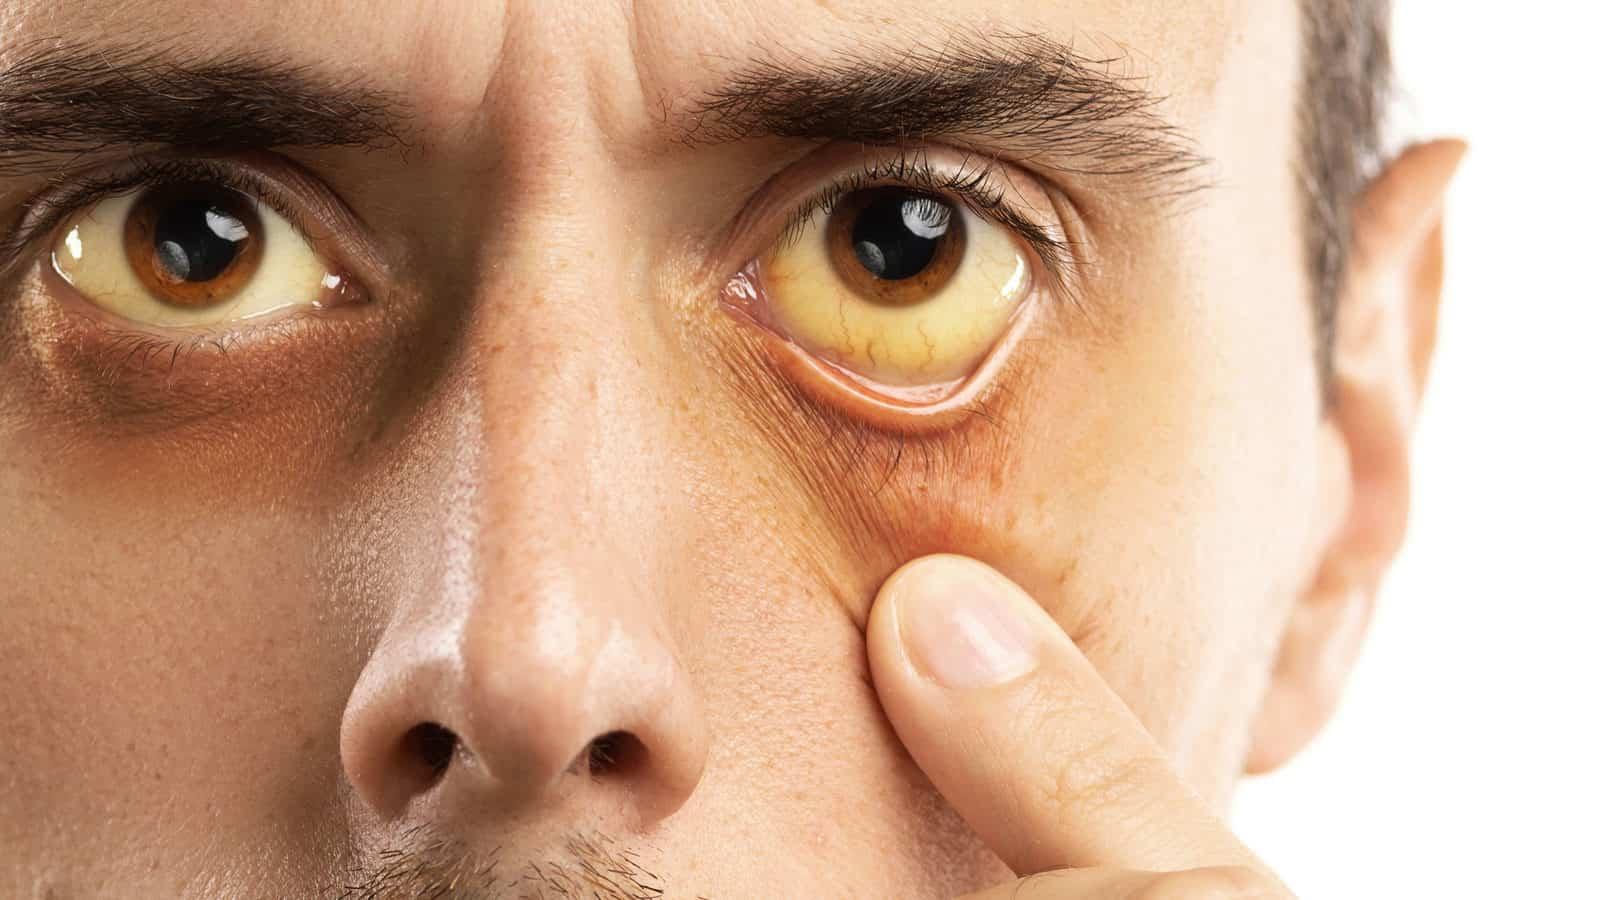 Vàng da, vàng mắt là những dấu hiệu ung thư gan điển hình